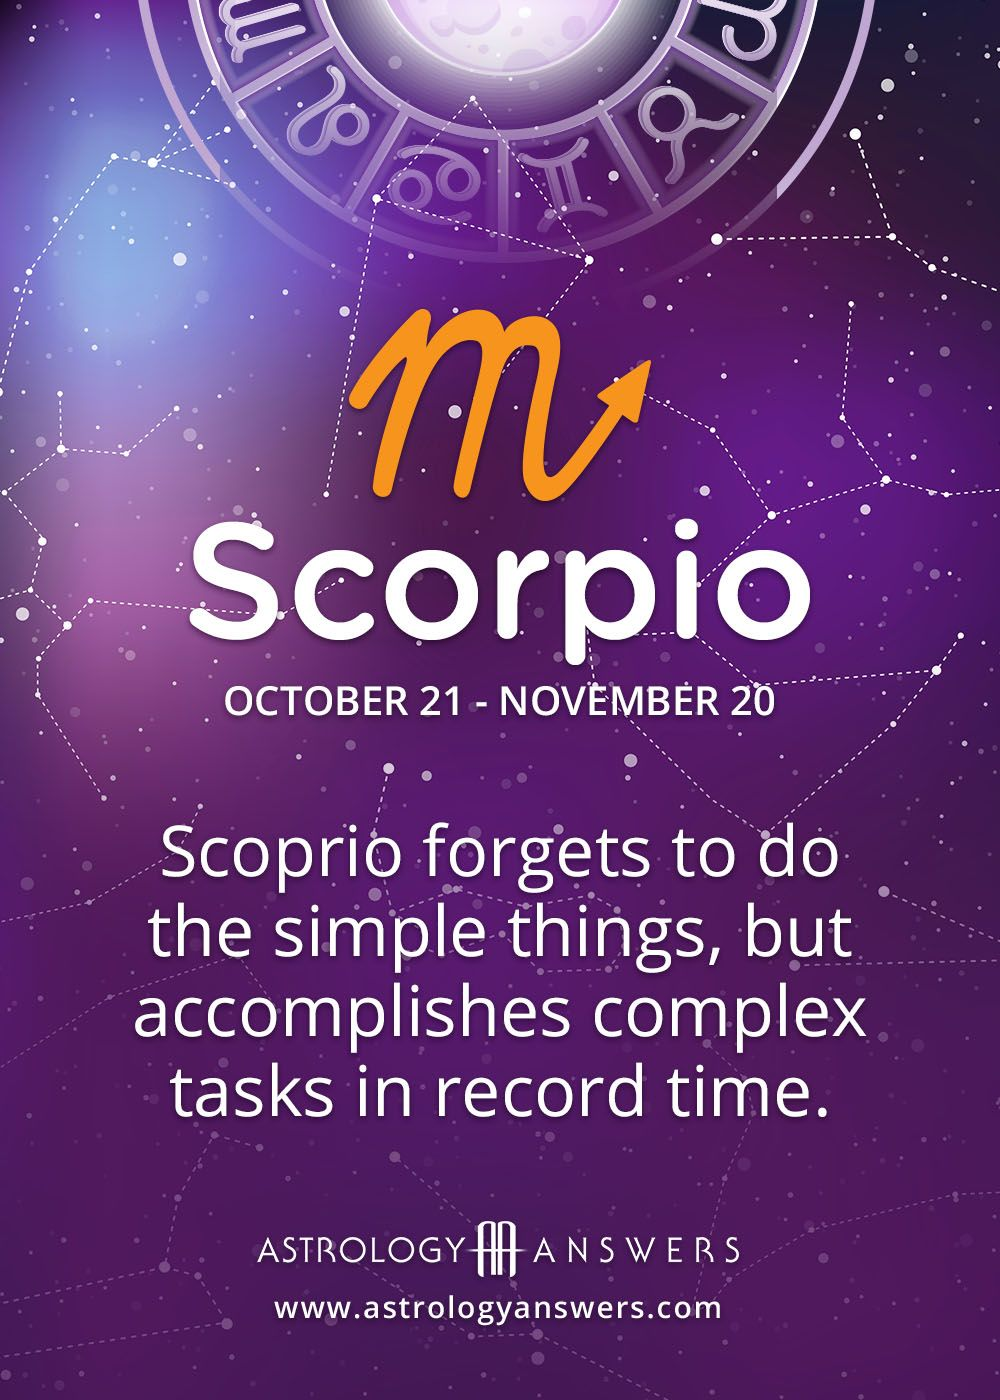 Scorpio Zodiac Facts